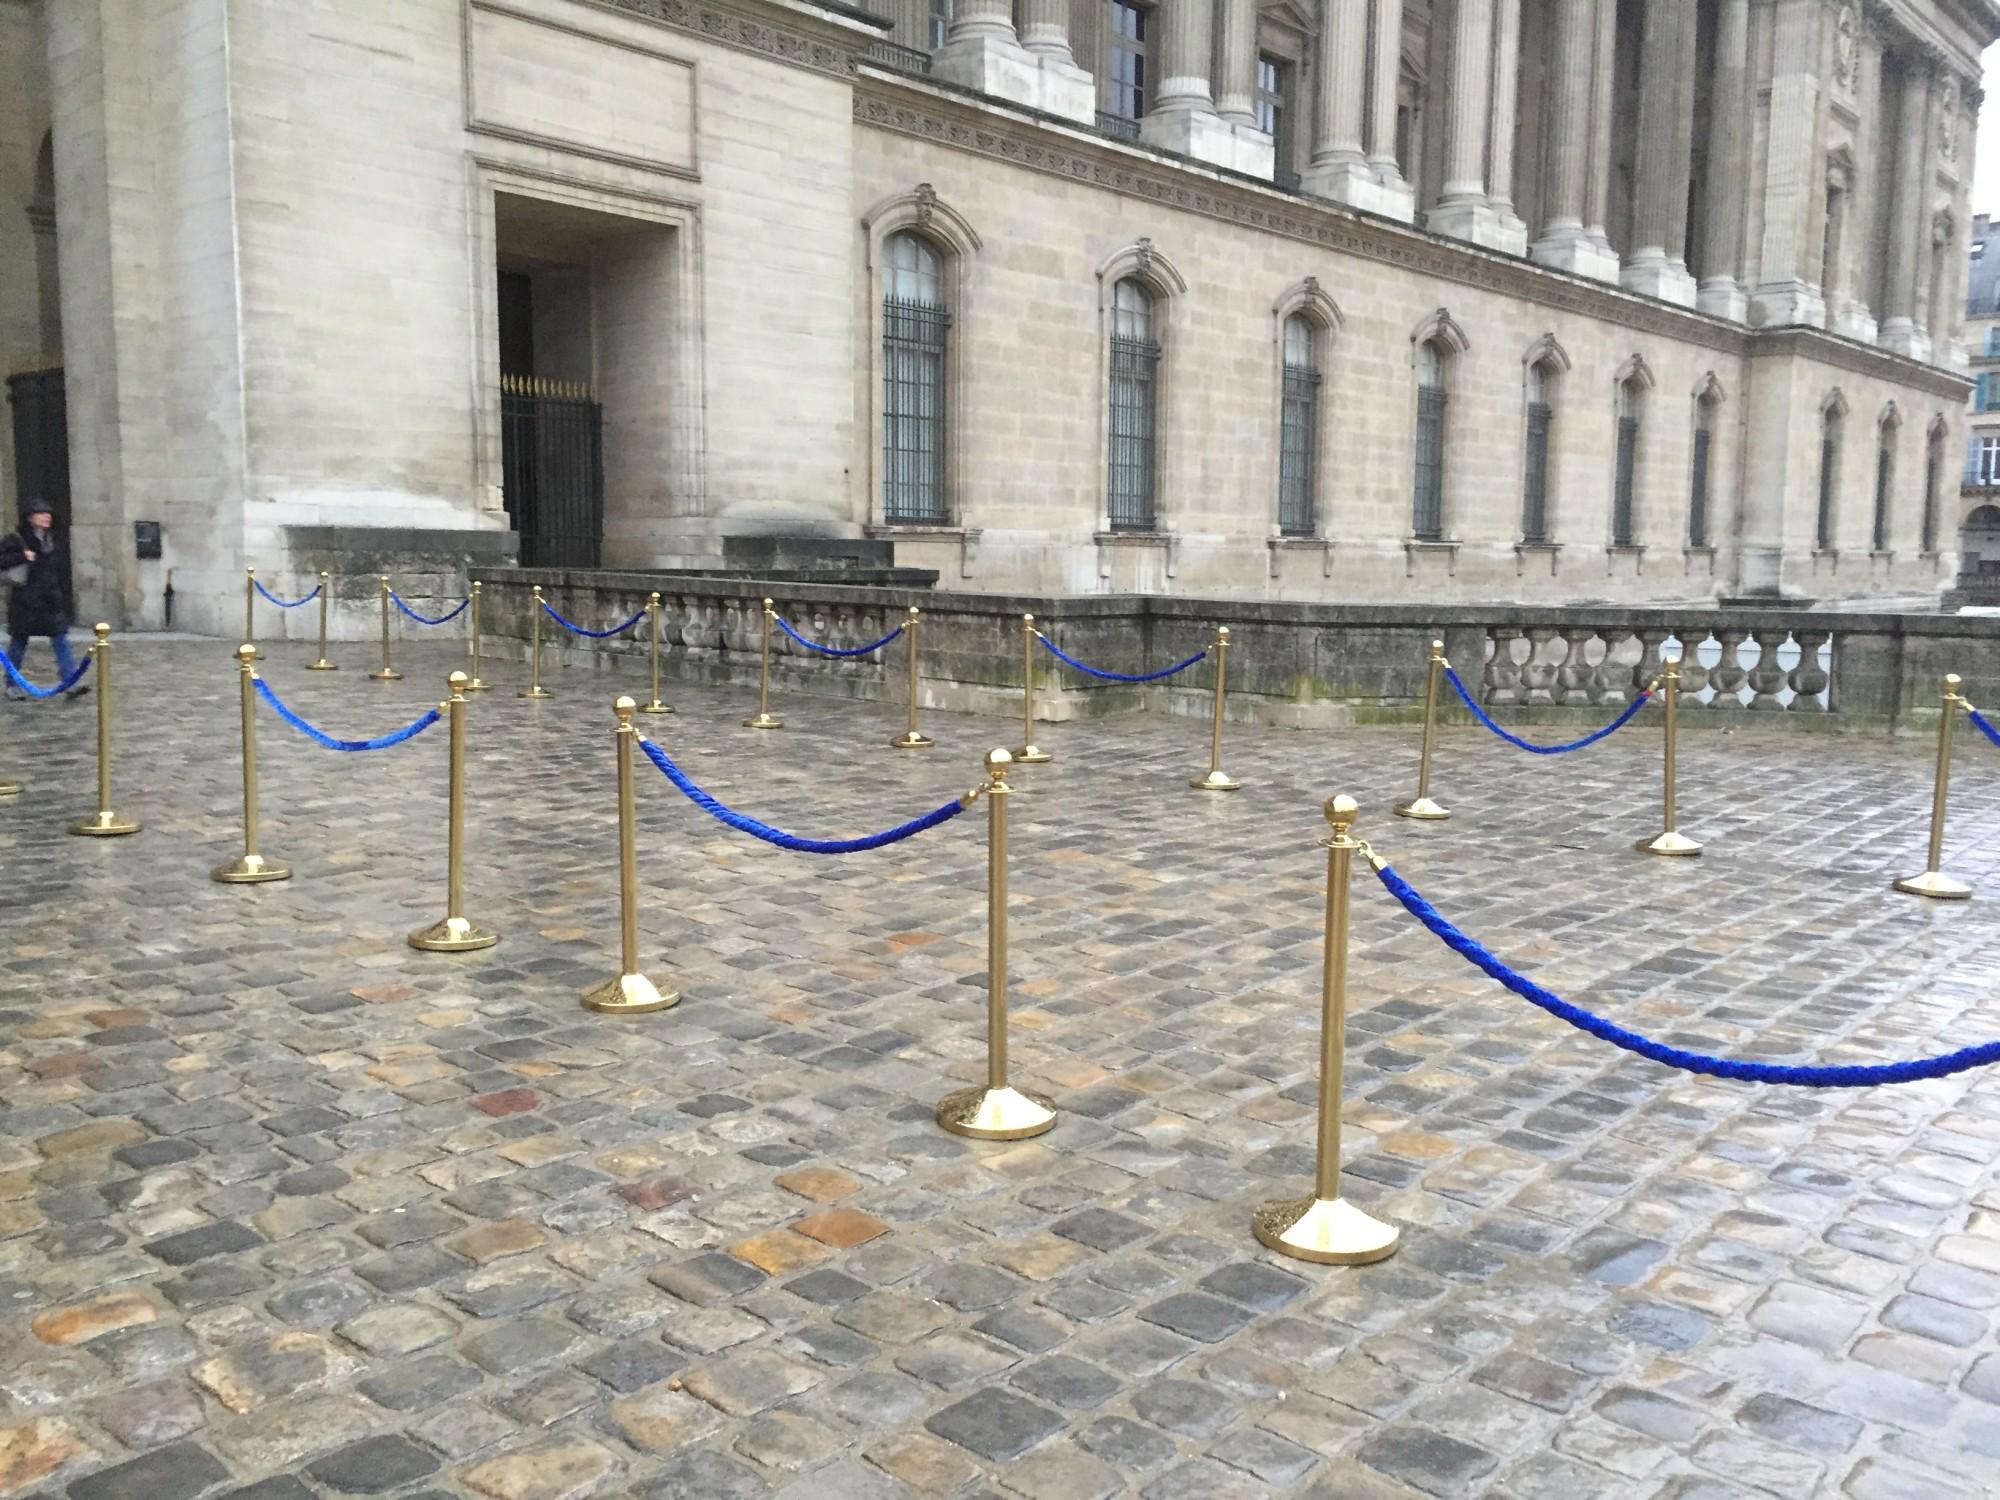 Location de potelet à corde en Région parisienne